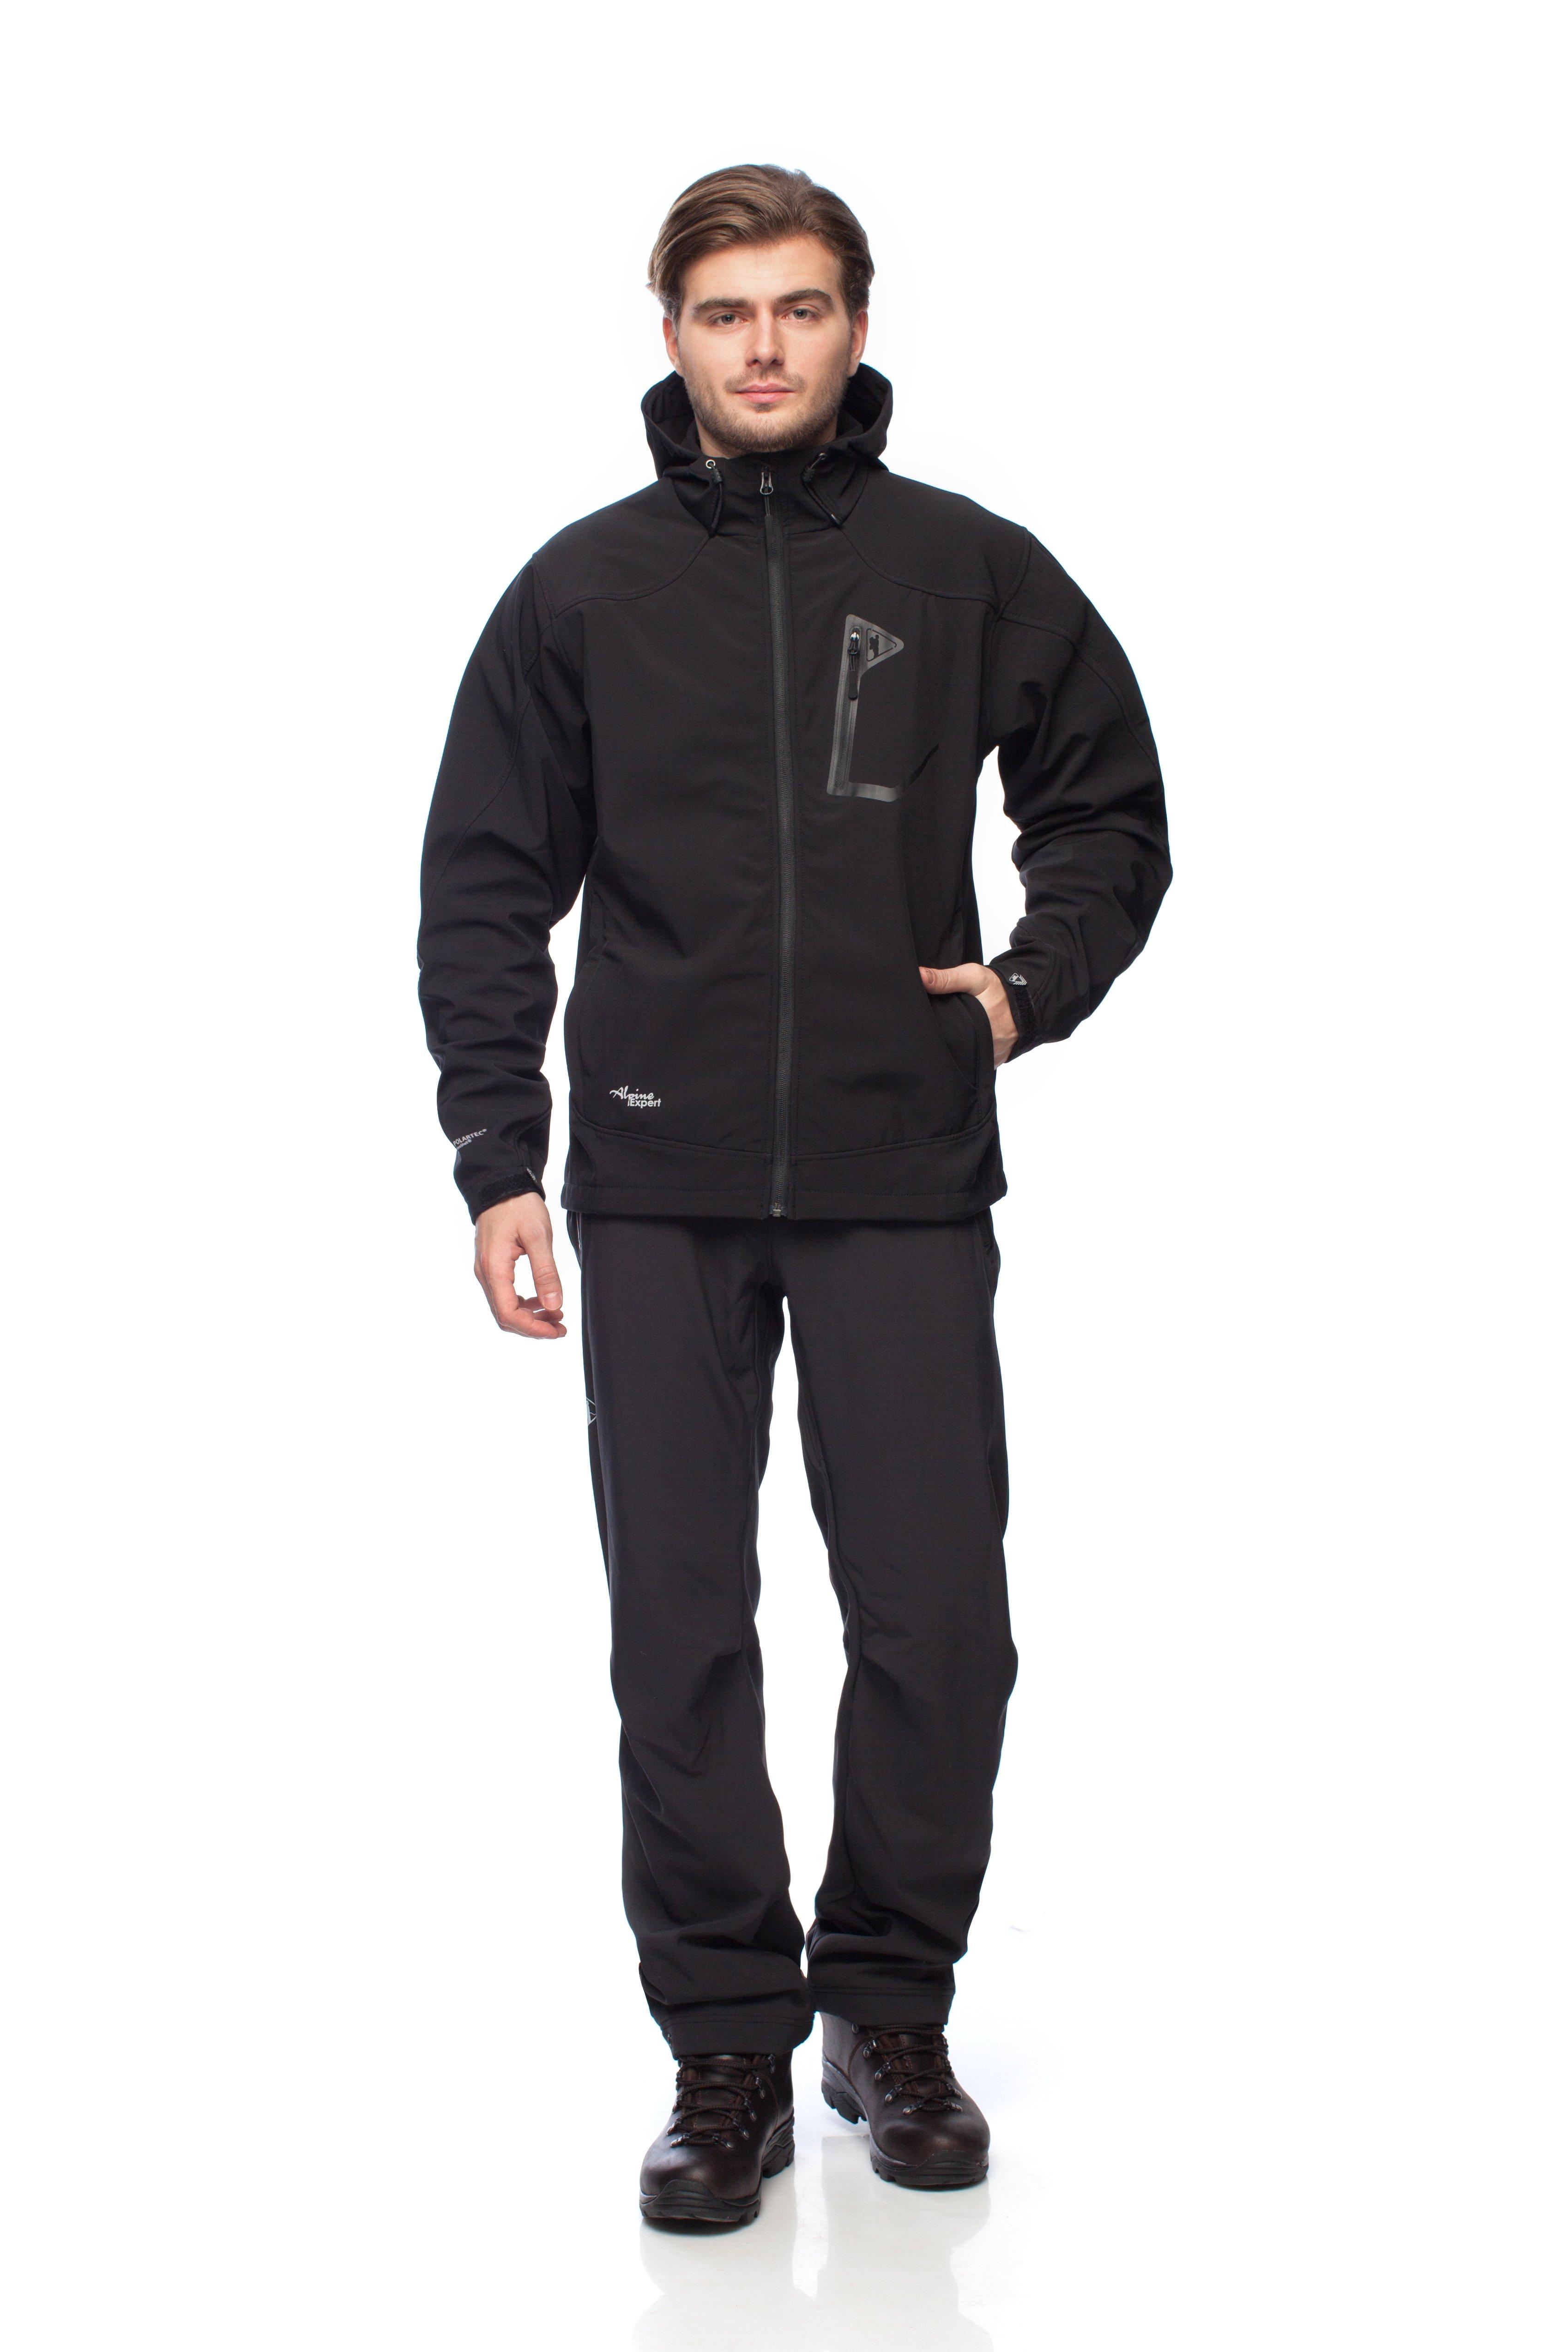 Куртка BASK TORNADO NEOSHELL 4954BКуртки<br>Комфортнаякуртка из материала Softshell с лаконичным дизайном из высокотехнологичной ткани Polartec® NEOSHELL с превосходными характеристиками.<br><br>Верхняя ткань: Polartec® NeoShell<br>Вес граммы: 720<br>Ветро-влагозащитные свойства верхней ткани: Да<br>Ветрозащитная планка: Да<br>Ветрозащитная юбка: Нет<br>Влагозащитные молнии: Да<br>Внутренние манжеты: Нет<br>Внутренняя ткань: не применимо<br>Водонепроницаемость: 10000<br>Дублирующий центральную молнию клапан: Нет<br>Защитный козырёк капюшона: Да<br>Капюшон: Несъемный<br>Карман для средств связи: Нет<br>Количество внешних карманов: 3<br>Количество внутренних карманов: 1<br>Мембрана: NeoShell<br>Объемный крой локтевой зоны: Да<br>Отстёгивающиеся рукава: Нет<br>Паропроницаемость: 20000<br>Пол: Мужской<br>Проклейка швов: Нет<br>Размеры: S - XXL<br>Регулировка манжетов рукавов: Да<br>Регулировка низа: Да<br>Регулировка объёма капюшона: Да<br>Регулировка талии: Нет<br>Регулируемые вентиляционные отверстия: Нет<br>Световозвращающая лента: Нет<br>Технология Thermal Welding: Да<br>Технология швов: Простые<br>Тип молнии: Однозамковая влагостойкая<br>Ткань усиления: Polartec®NeoShell<br>Усиление контактных зон: Да<br>Размер INT: M<br>Цвет: ЧЕРНЫЙ